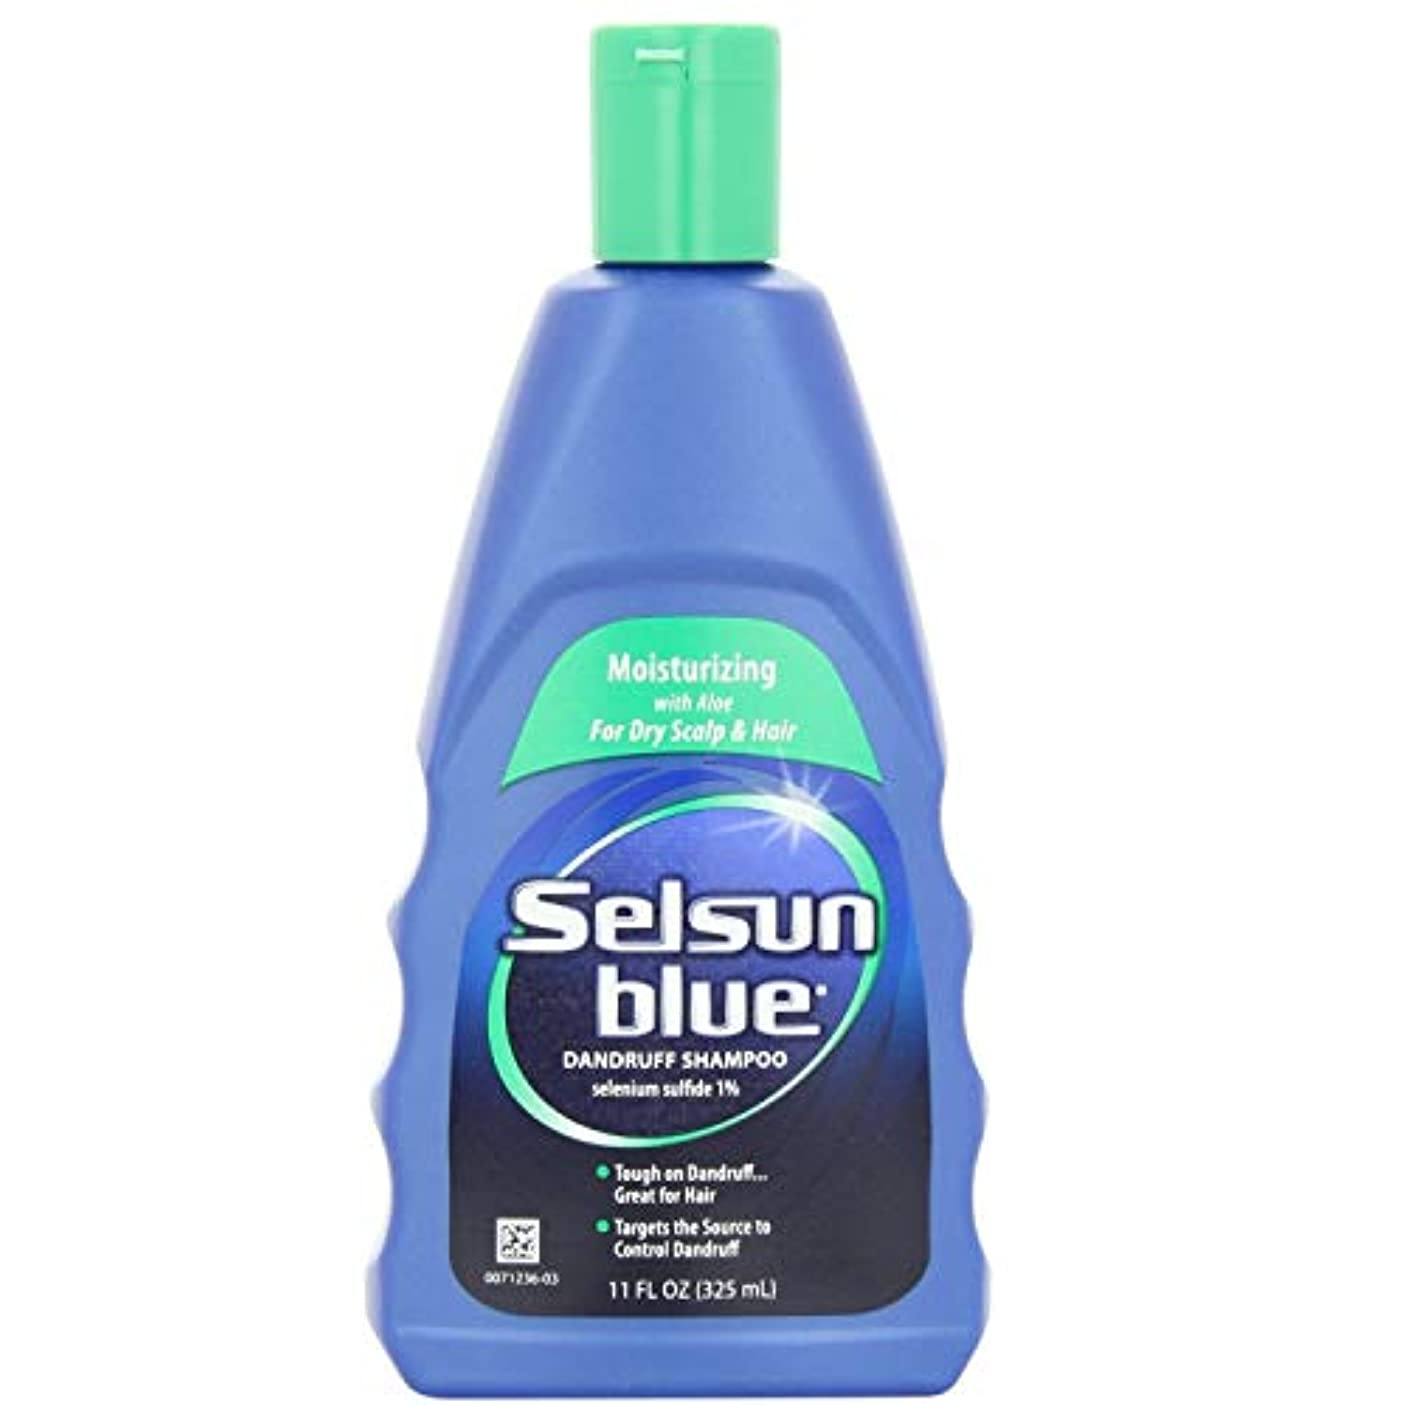 ヘアささやき独立してSelsun Blue Dandruff Shampoo, Moisturizing with Aloe for Dry Scalp and Hair, 11 Ounce by Selsun Blue [並行輸入品]